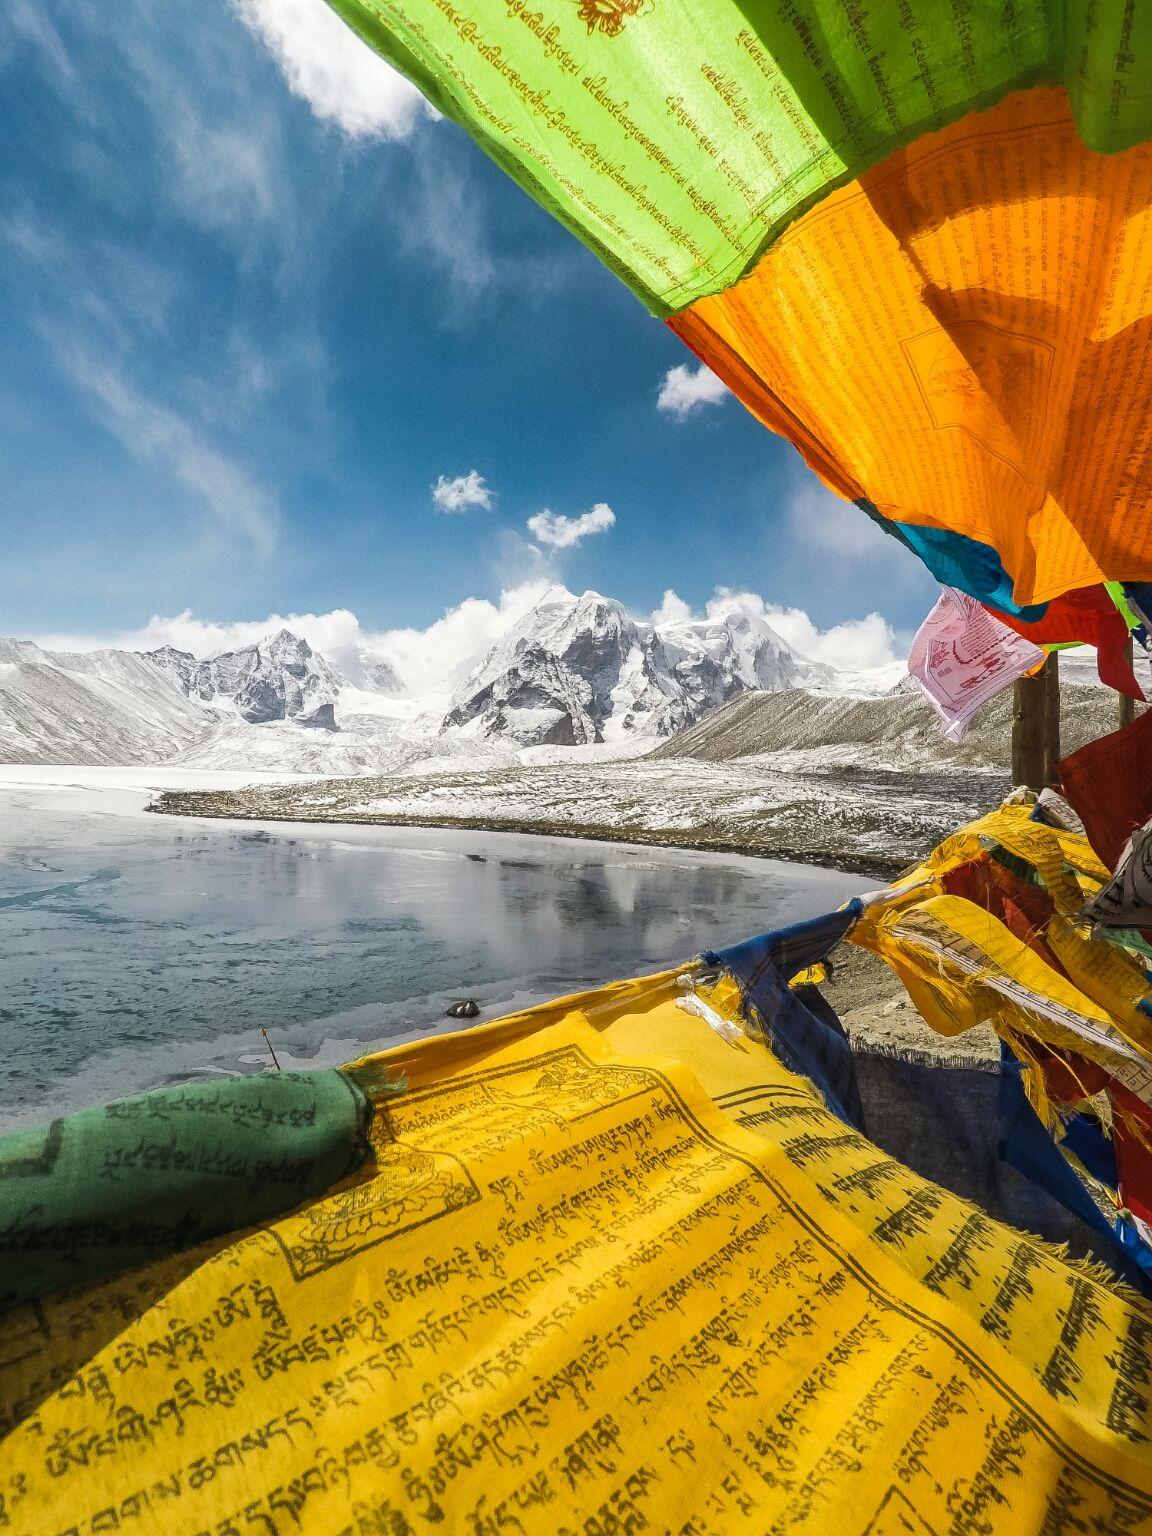 Photo of Gurudongmar Lake By Swastik Sarkar